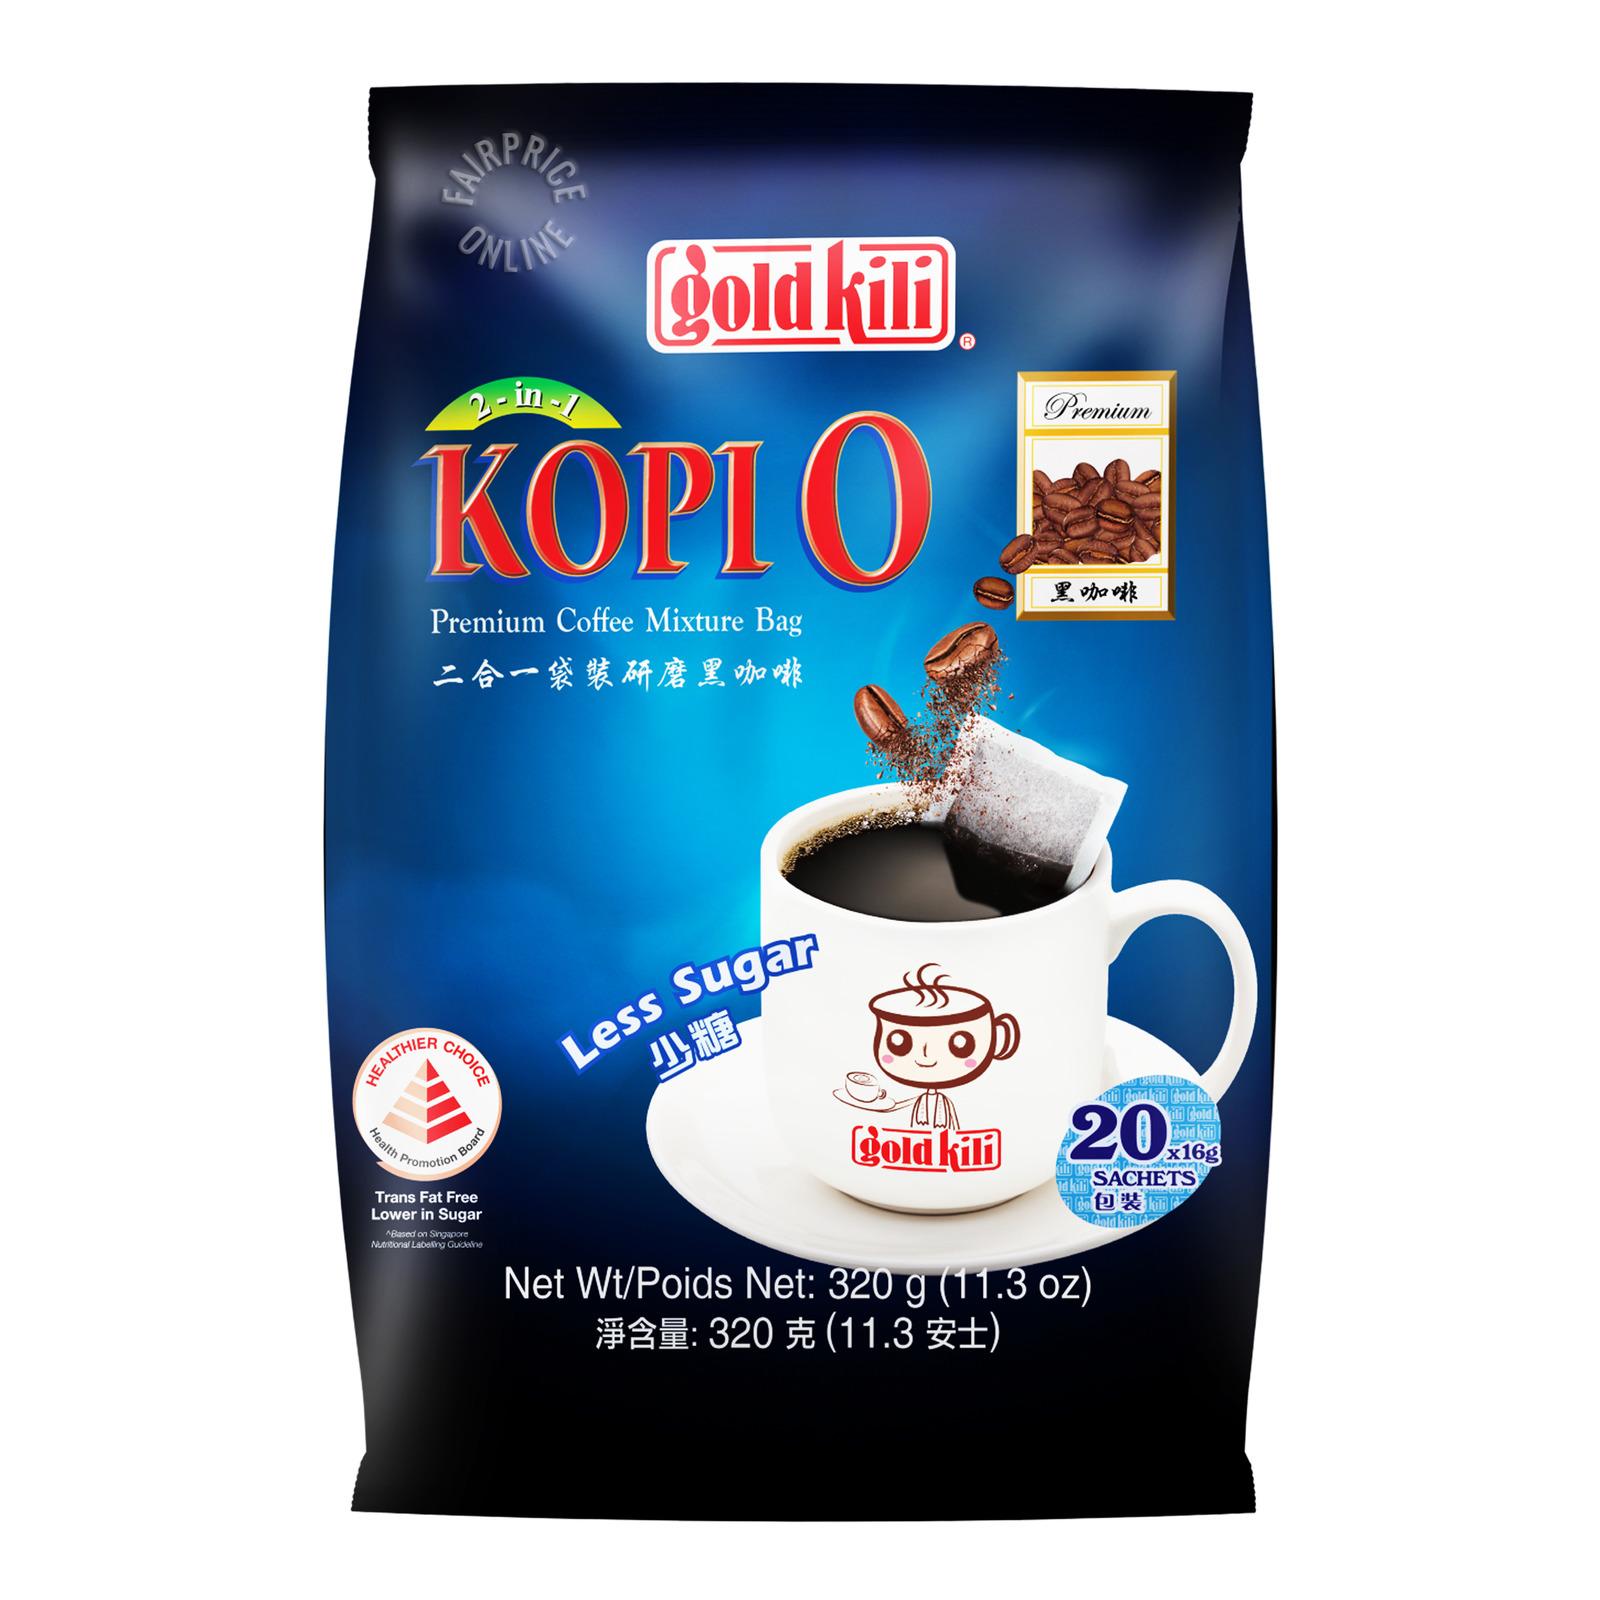 Gold Kili 2 in 1 Instant Premium Kopi O - Less Sugar